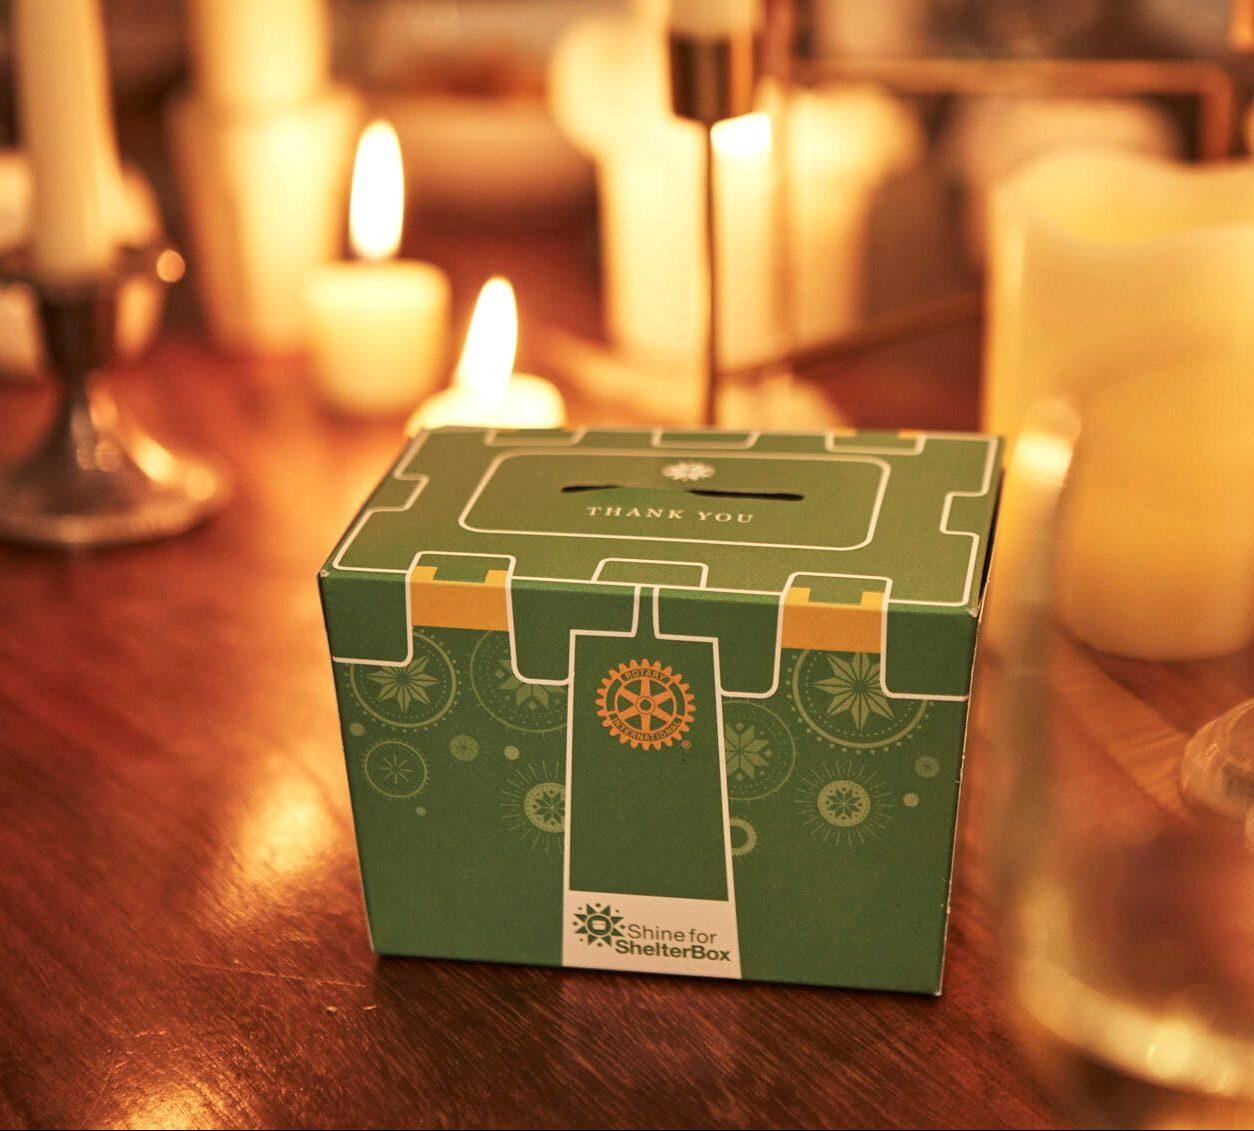 Eine Shine-For-ShelterBox Spendenkiste im Kerzenlicht